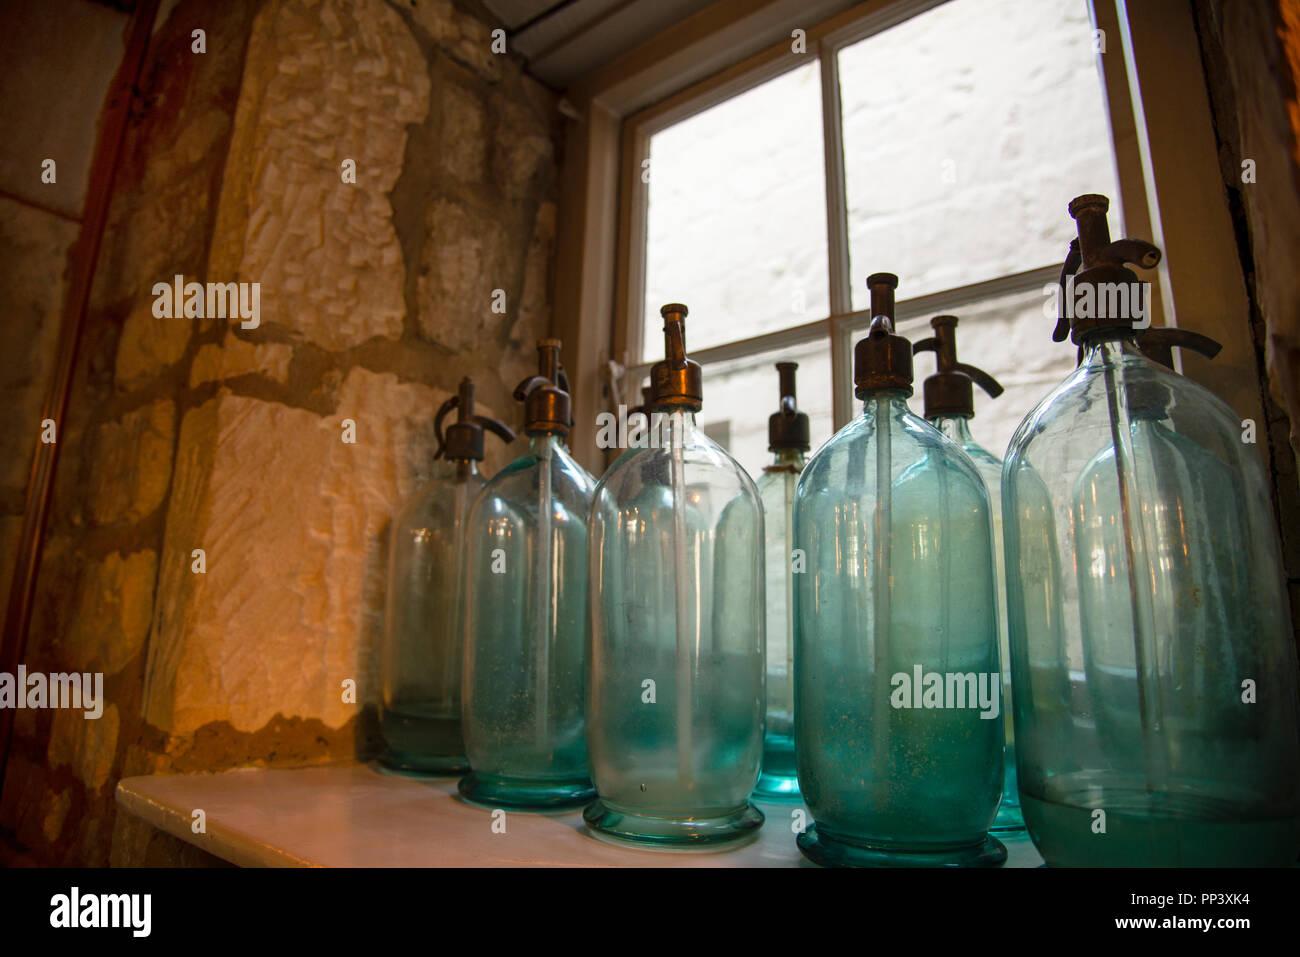 Seltzer Bottles Stock Photos & Seltzer Bottles Stock Images - Alamy